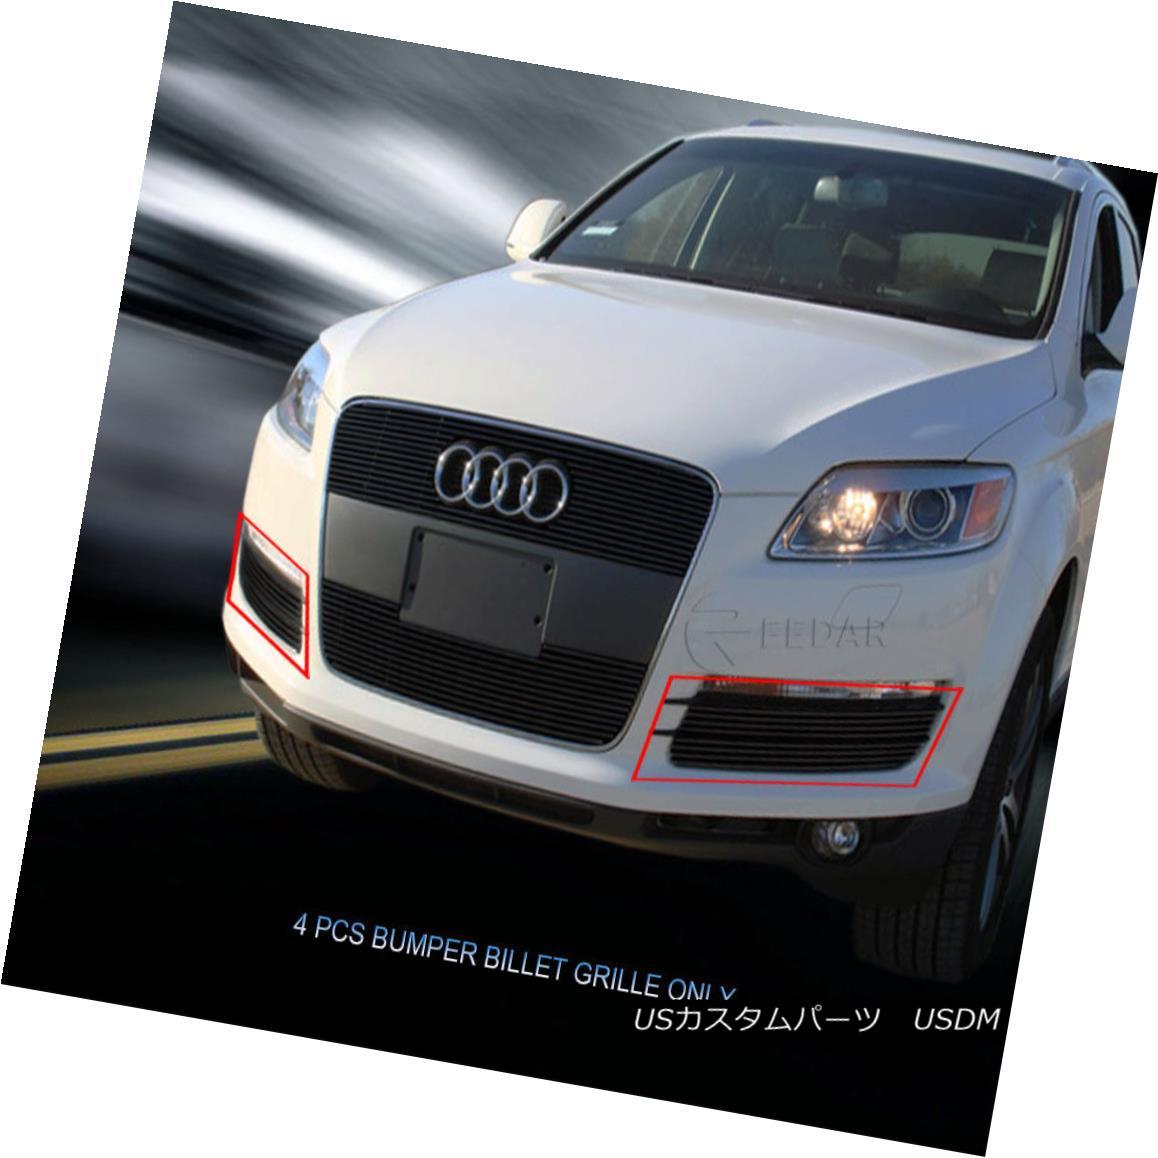 グリル Fits 2007 08 09 10 11 2012 Audi Q7 Black Billet Grille Bumper Grill Insert Fedar Fits 2007 08 09 10 11 2012 Audi Q7 Black BilletグリルバンパーグリルインサートFedar